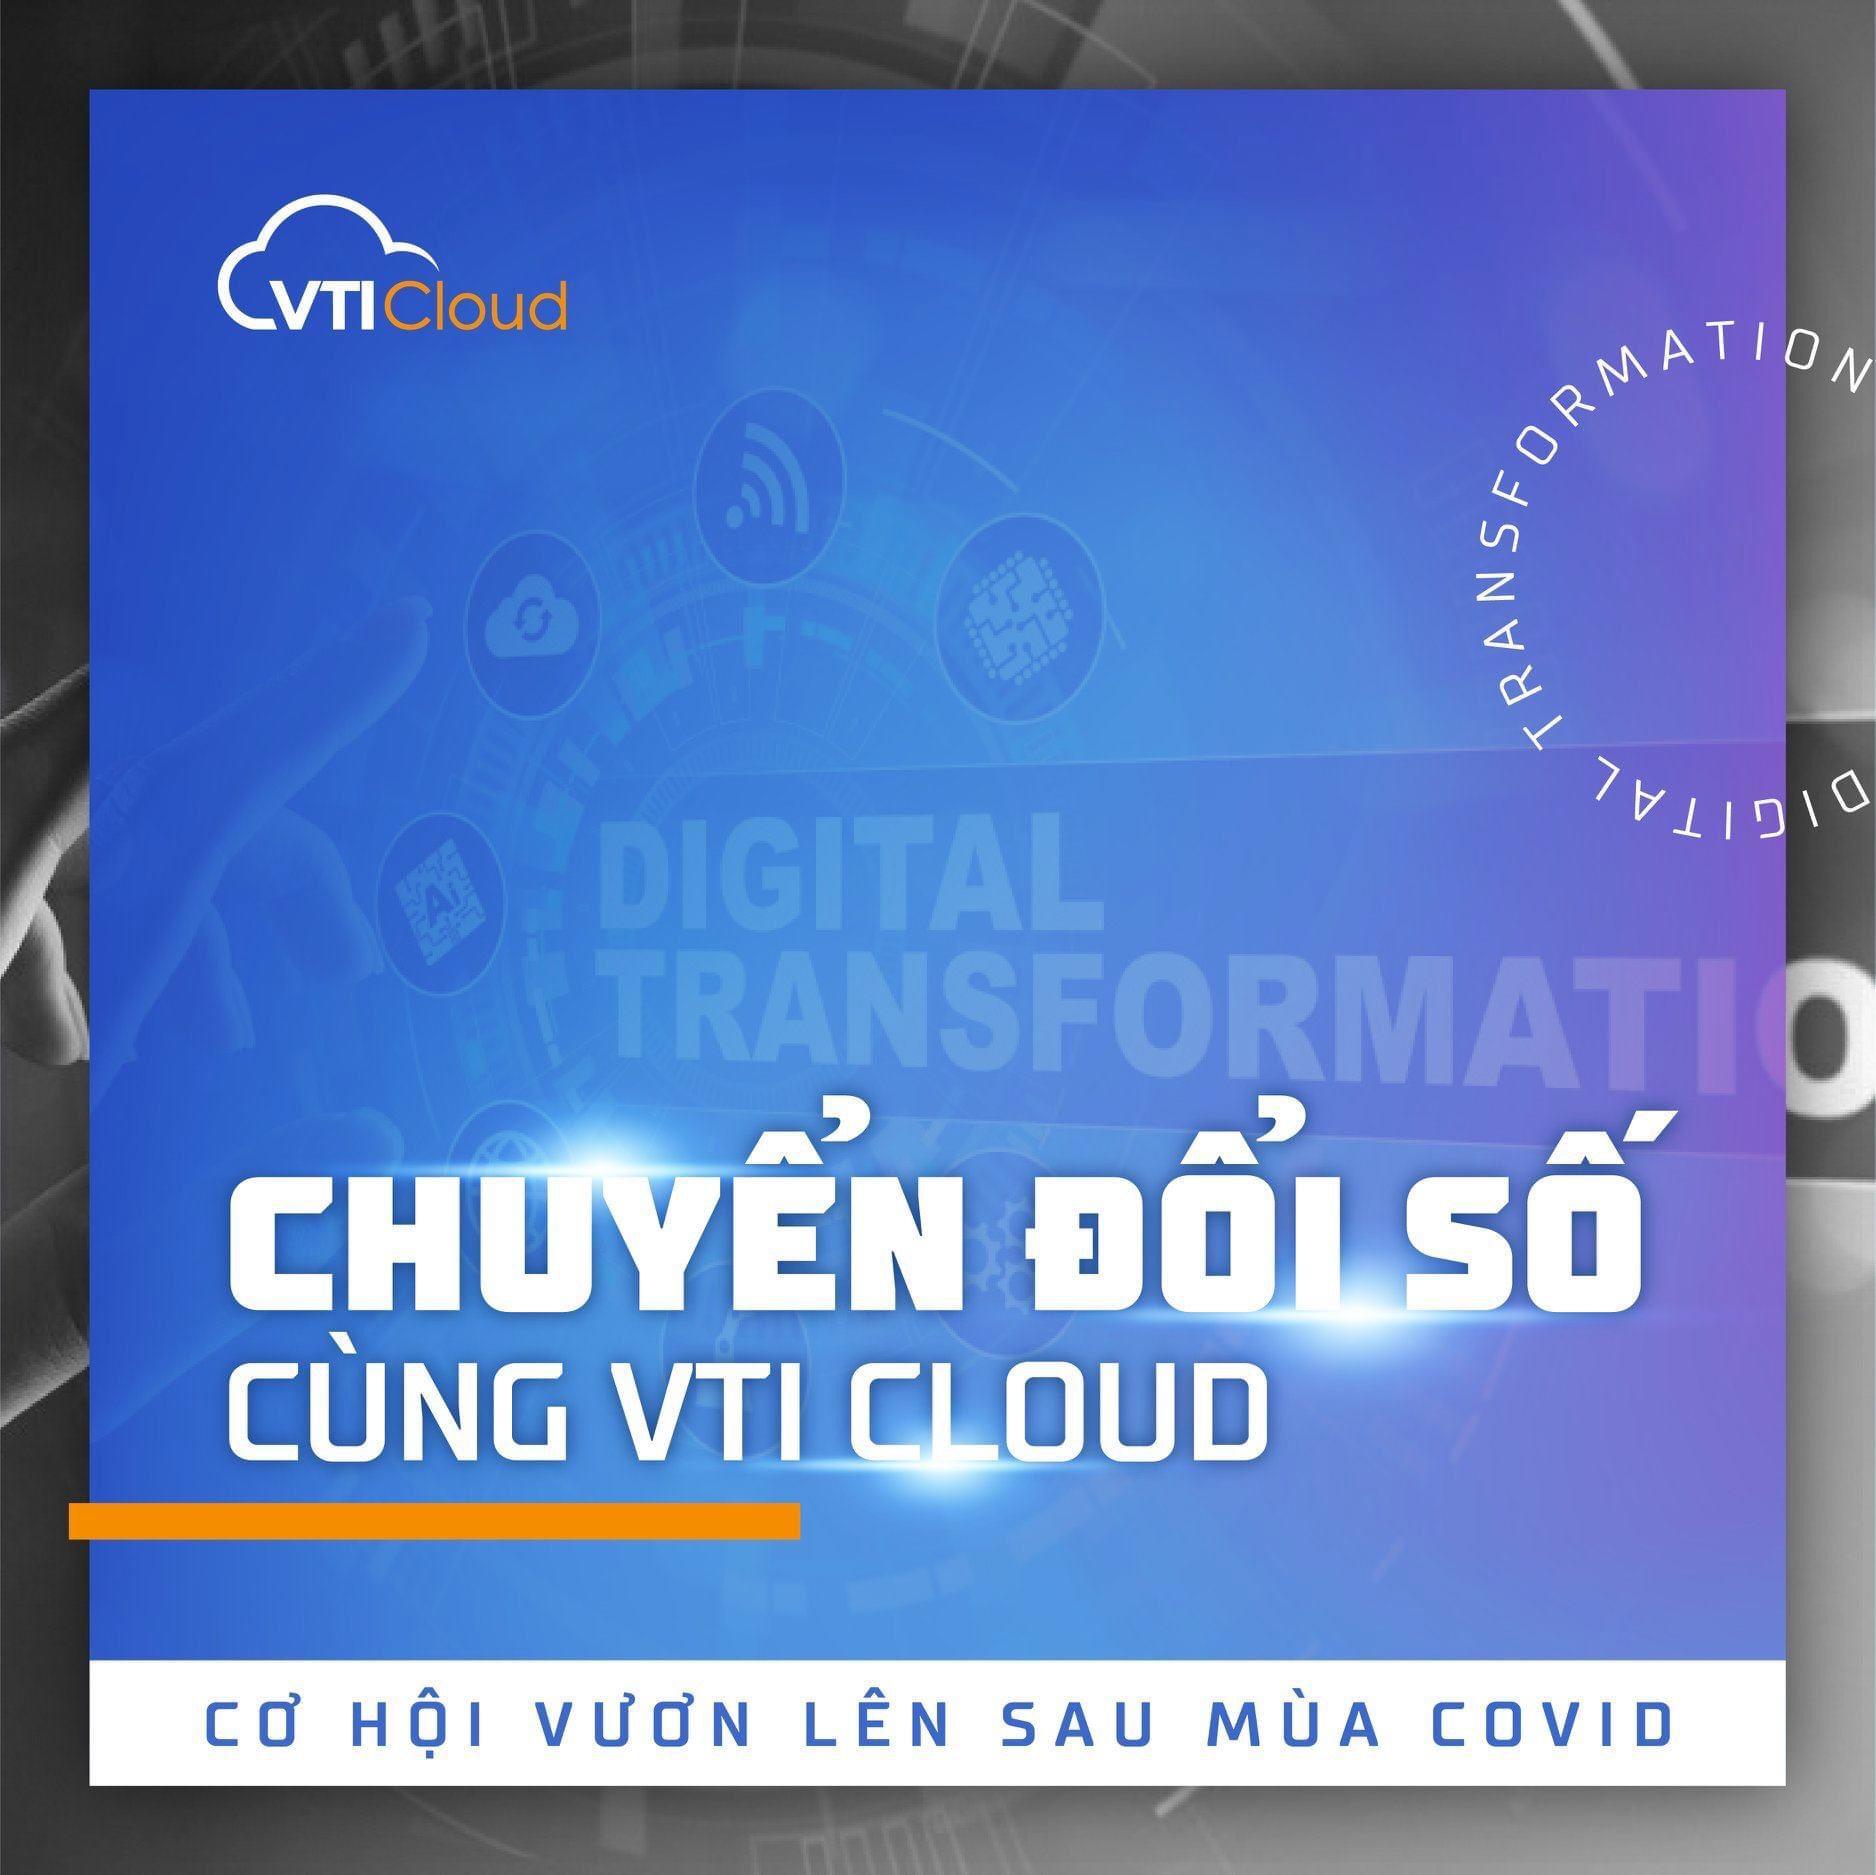 Jobs at Công Ty TNHH Vti Cloud